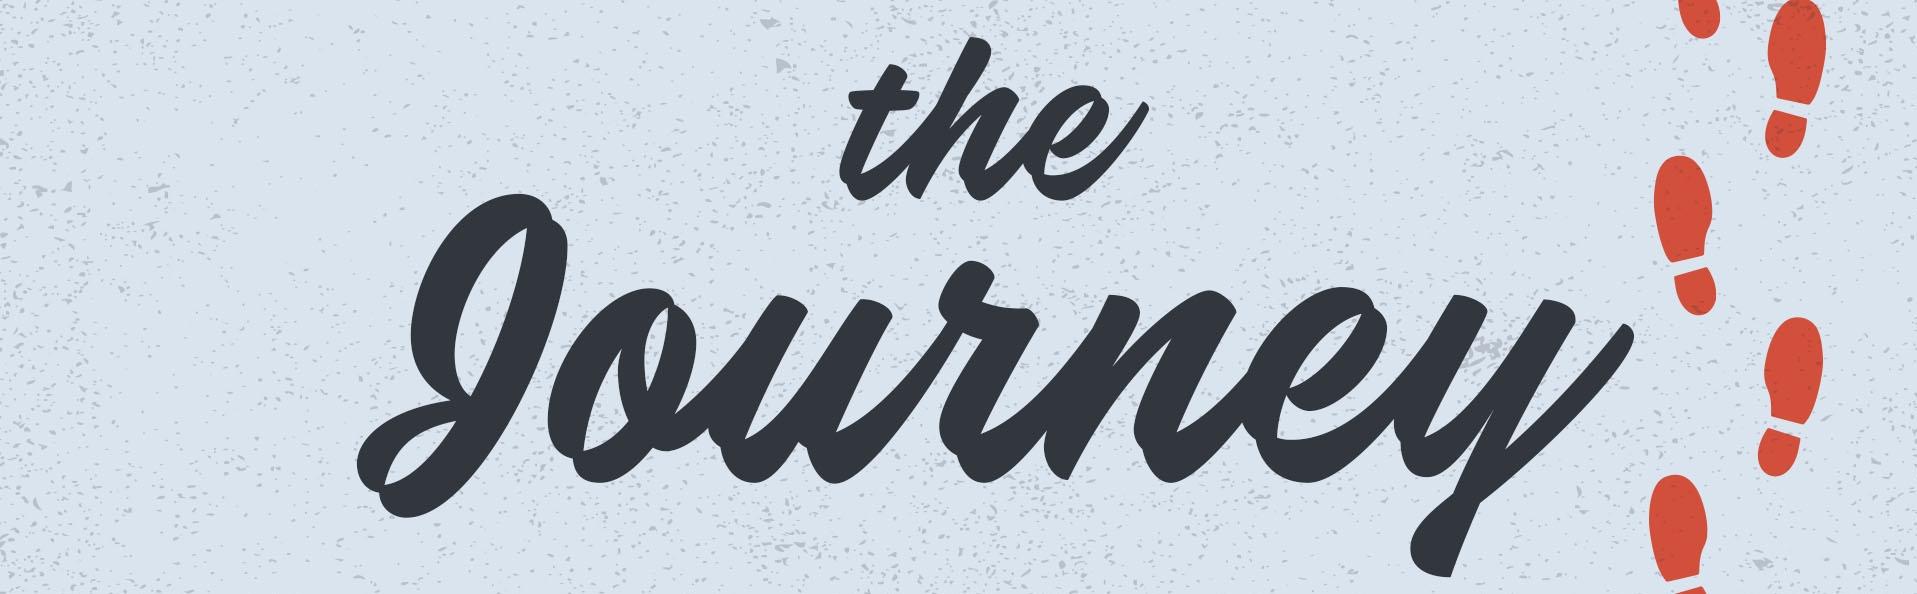 TheJourney_TitleSlide-v1.jpg